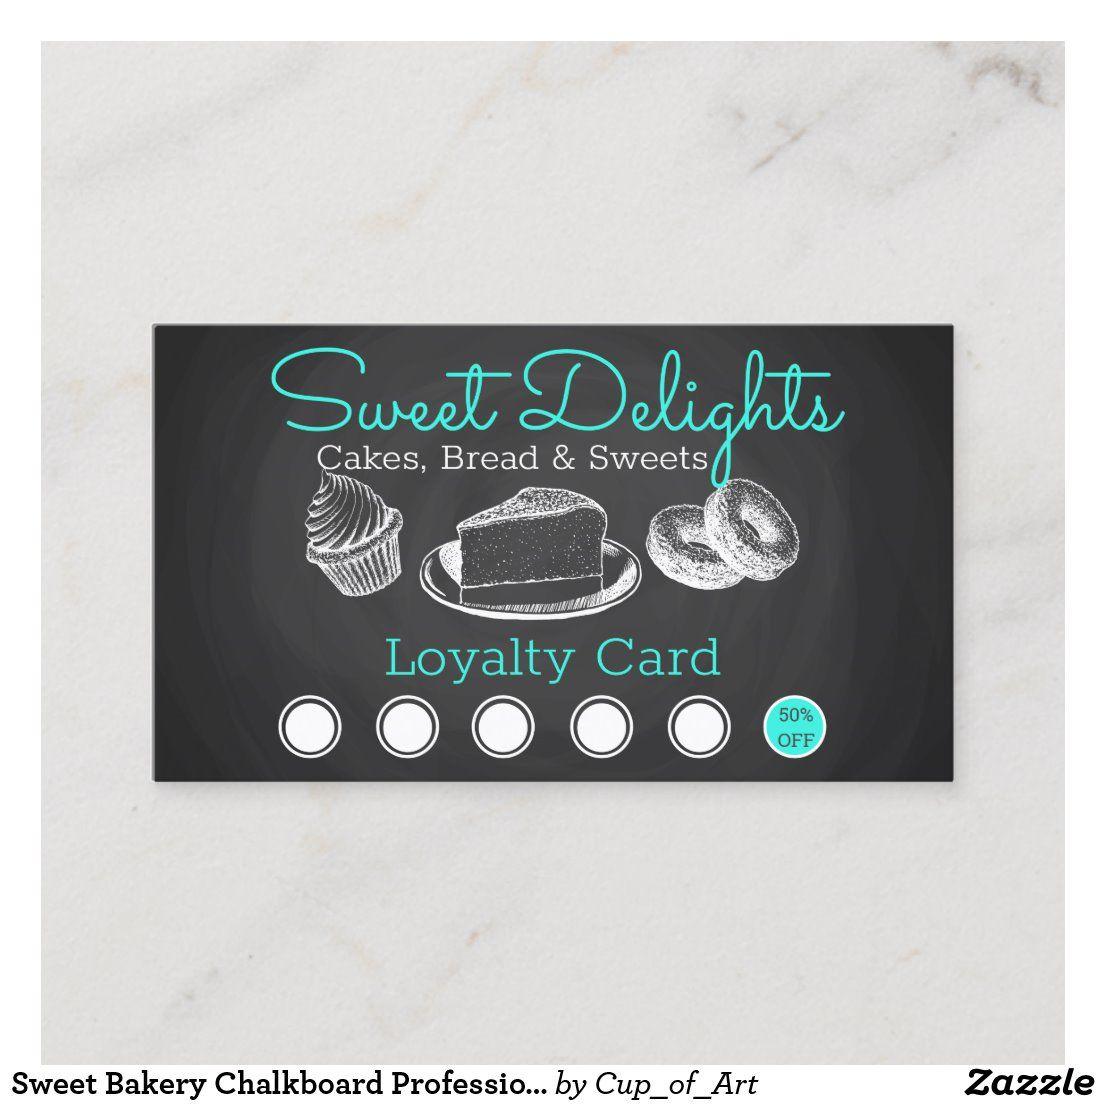 Sweet Bakery Chalkboard Professional Loyalty Card Zazzle Com Loyalty Card Sweet Bakery Bakery Business Cards